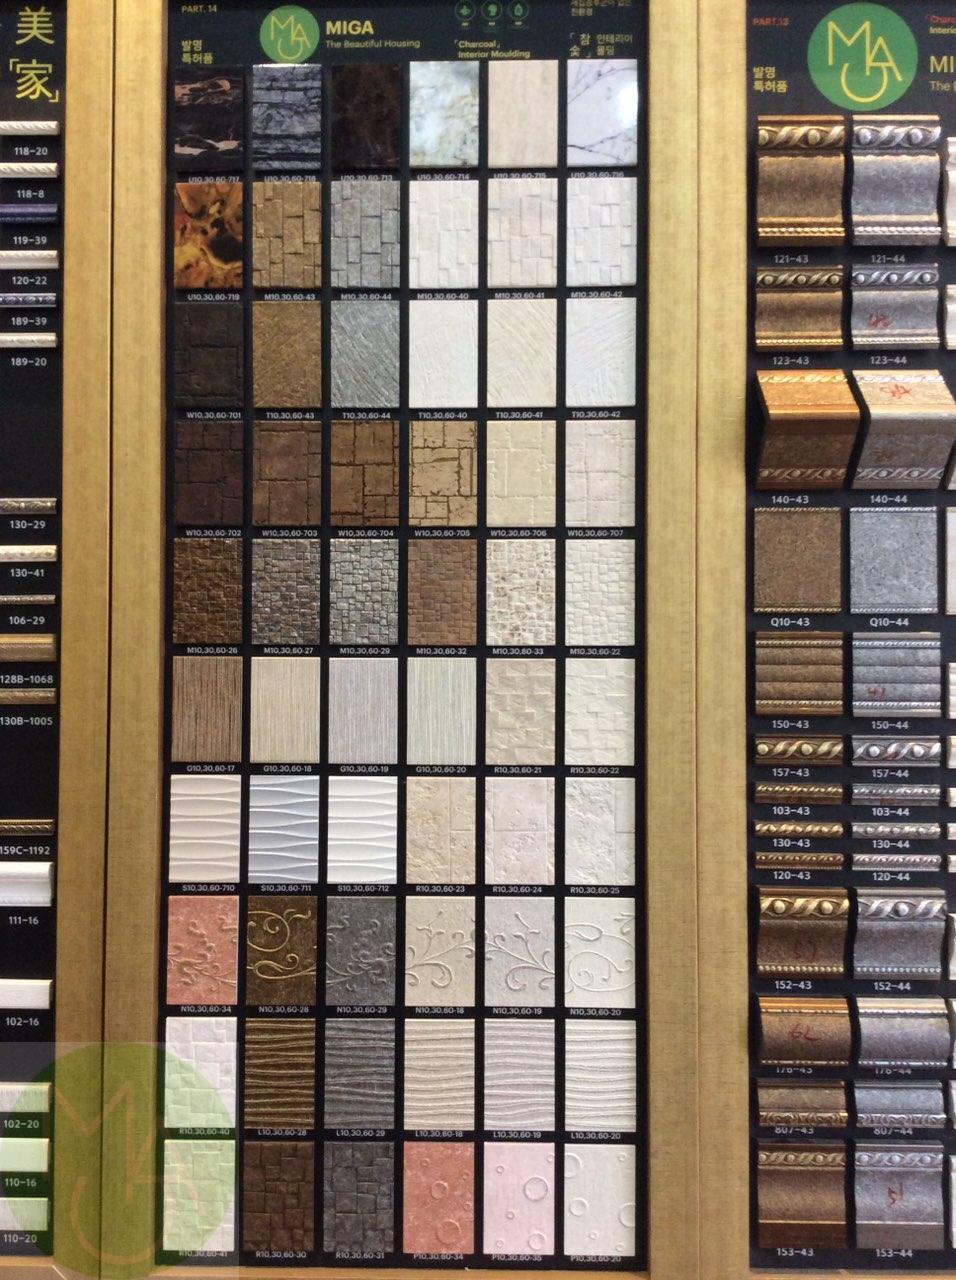 PS(聚氯乙烯)材料添加柞木碳,通过挤压塑型成型。在装修主材中,墙面装饰及吊顶方面,其用途范围广泛。在装修辅材中,相较于实木线条、PVC及PU线条,集成墙面等方面特具竞争力。其工艺及材质的特殊性决定了,它在工艺美学及个性设计,创意方面,造形空间宽泛,创意设计活。可以实现其它产品不能完成的工艺造形设计。 我们的目标: 打造贵州绿色生态、健康环保的最具特色品牌! 儿童房、孕妈妈房装饰材料的最佳选择! 韩国美家贵阳营销中心 小美佳 0851-85560545 李院 18286046497 http: www.